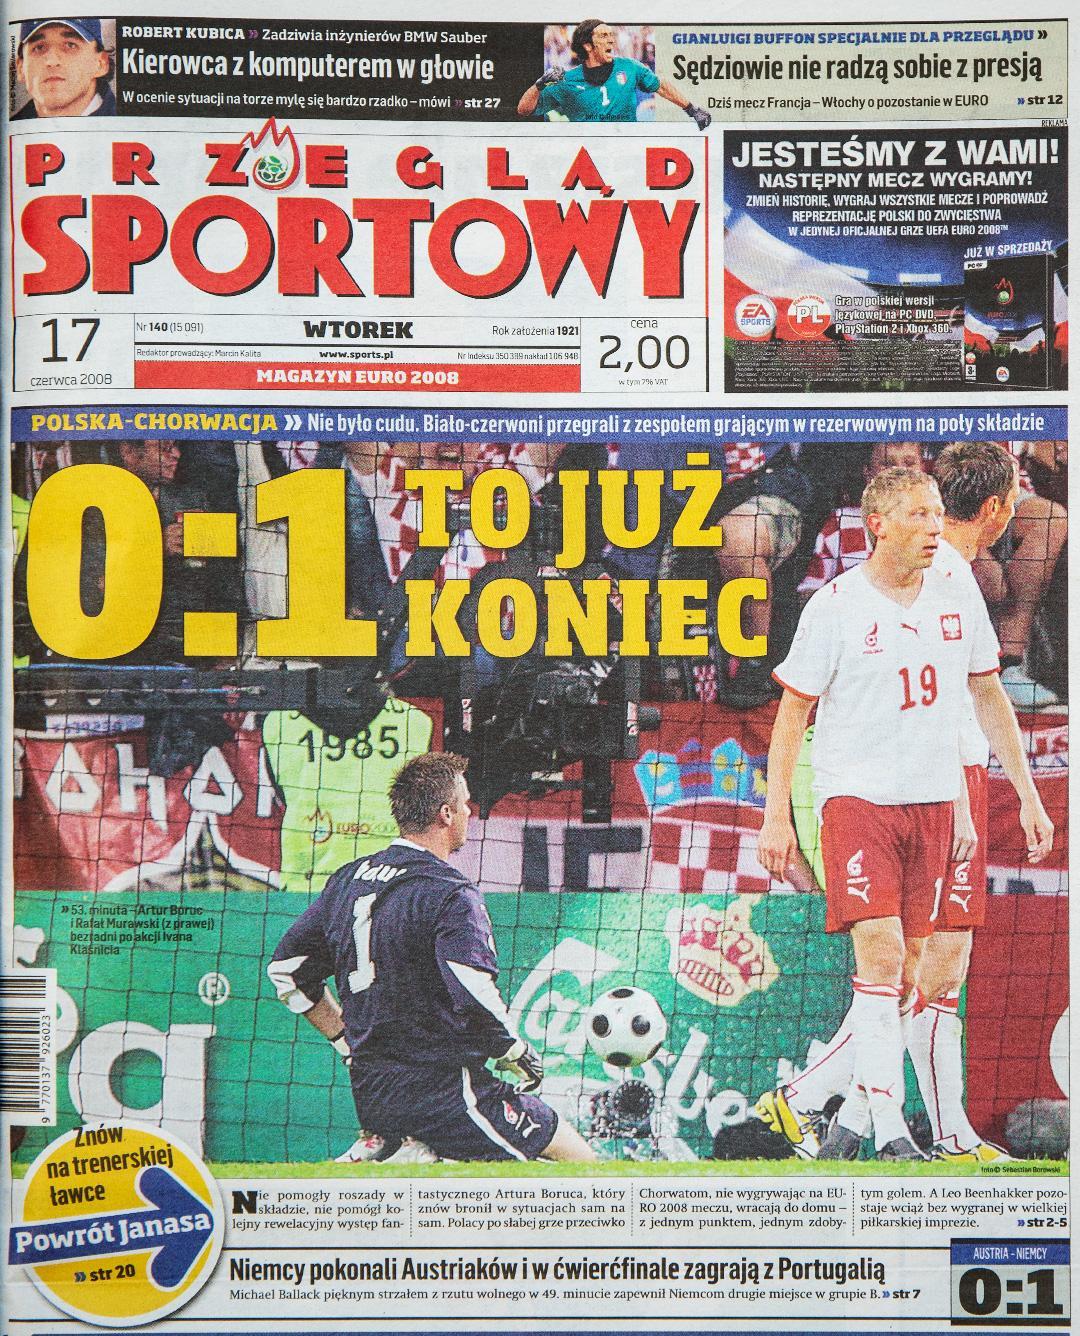 Okładka przeglądu sportowego po meczu Polska - Chorwacja (16.06.2008)